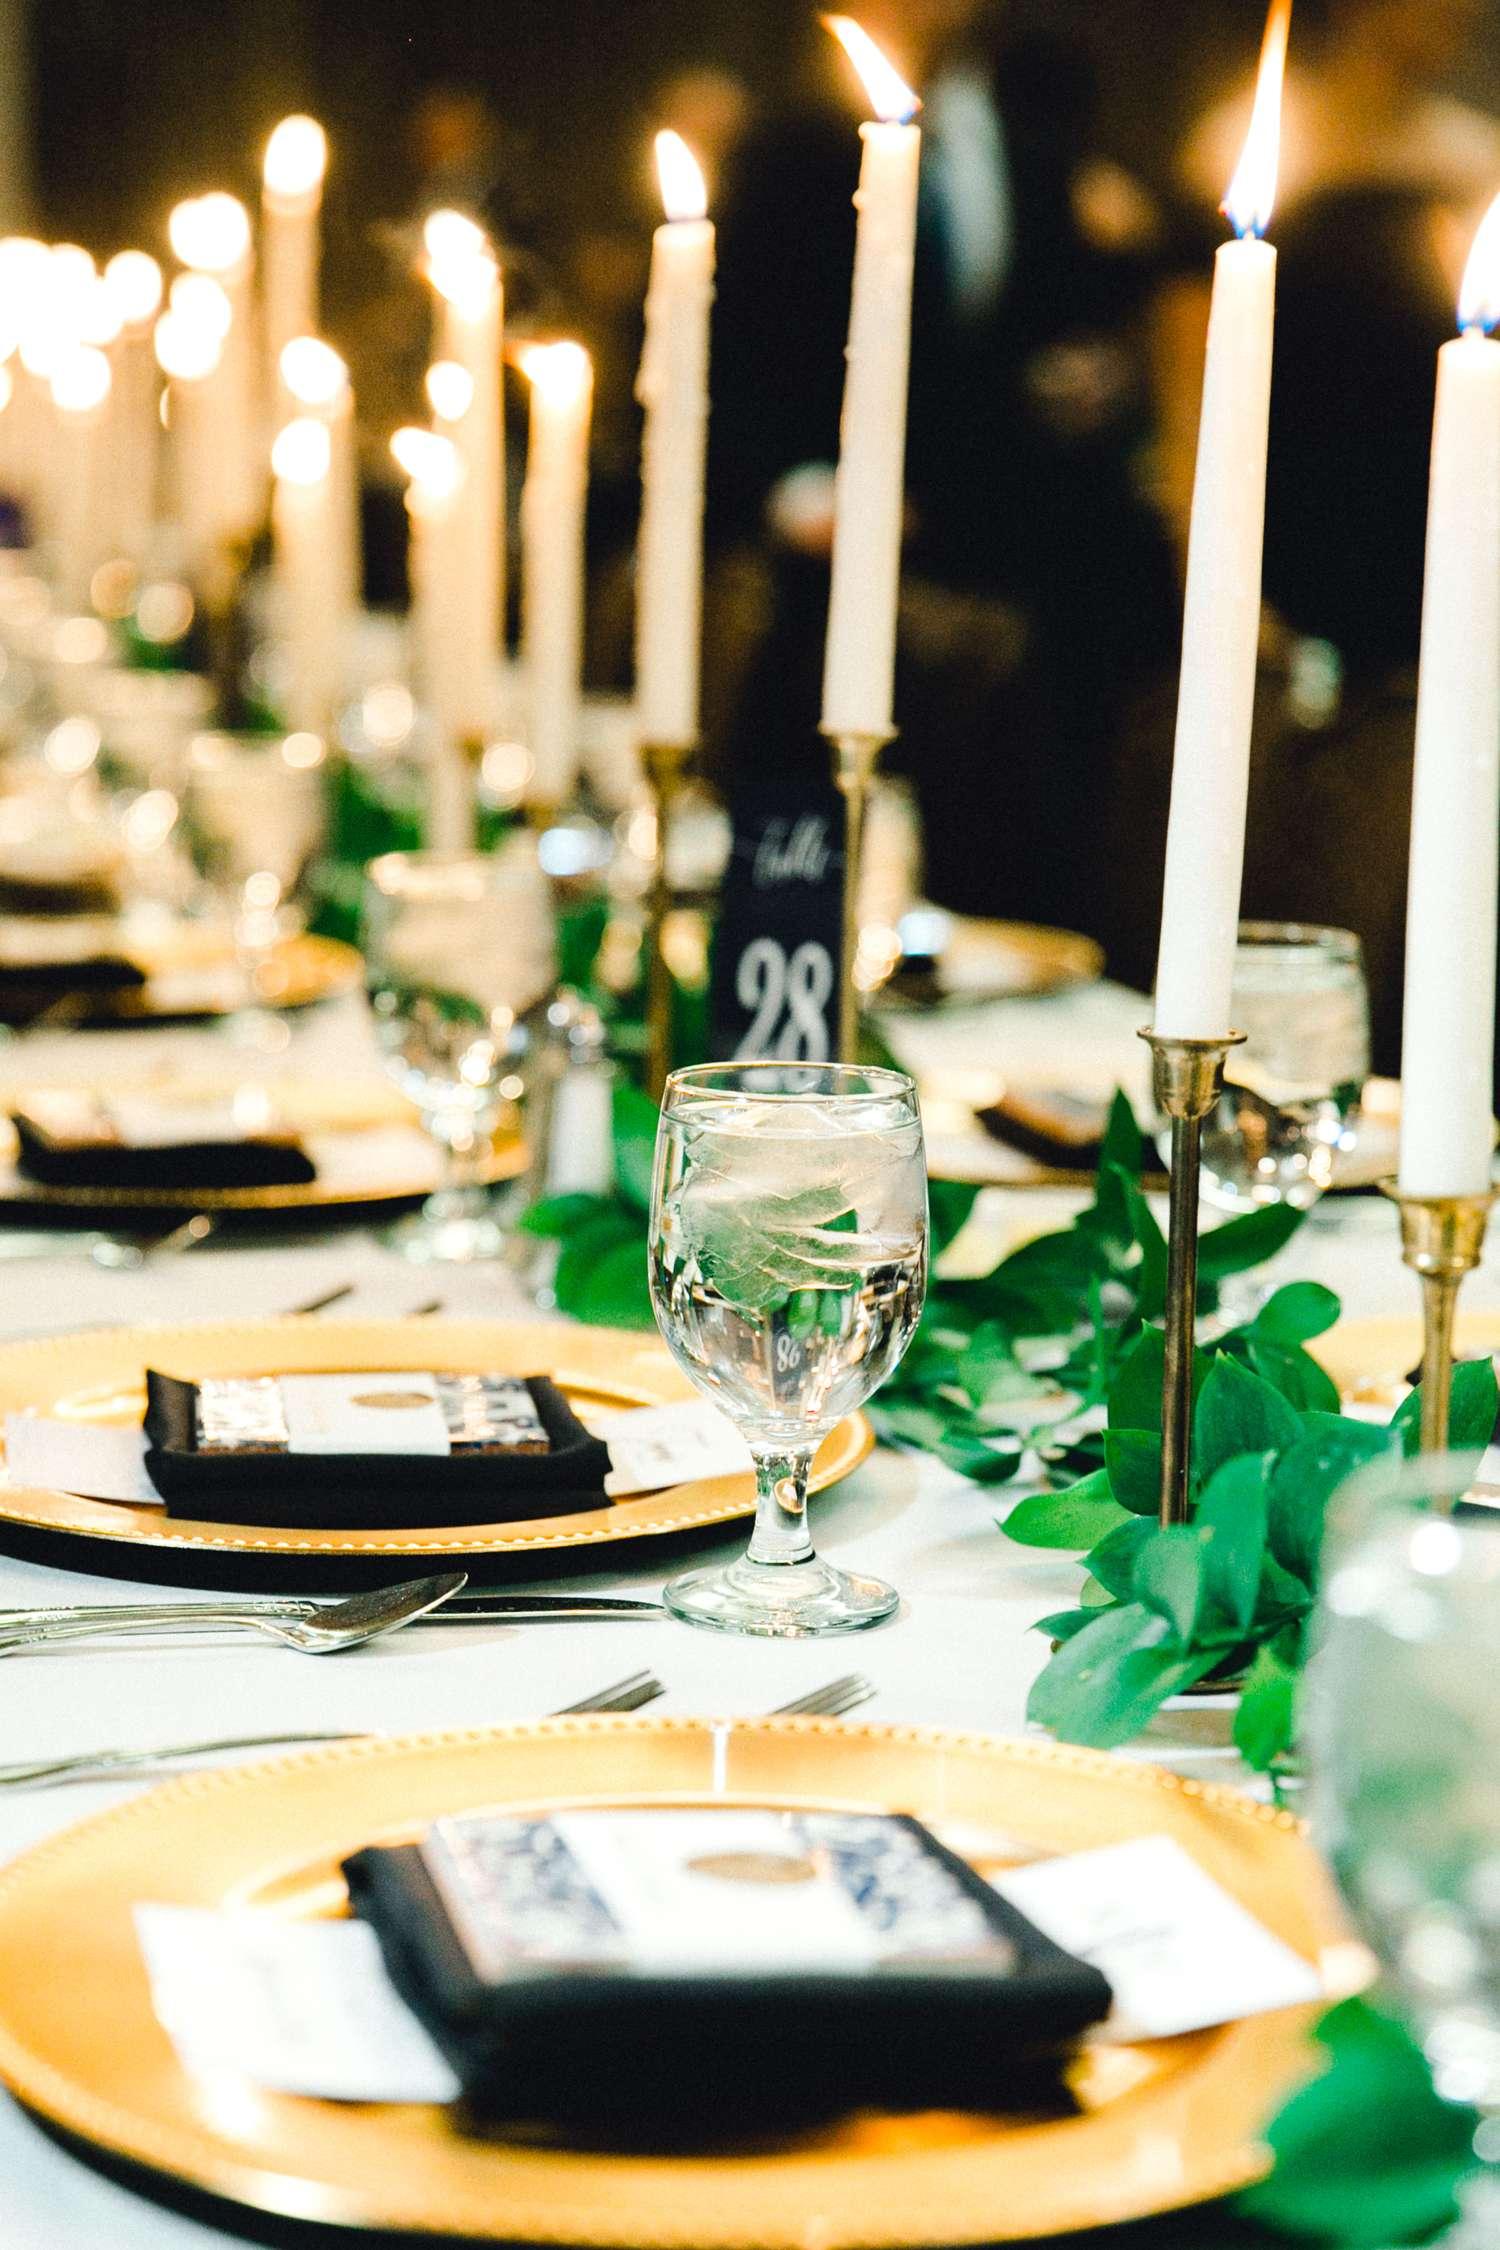 MARLEE+LLOYD+MORGAN+ALLEEJ+TEXAS+TECH+MERKET+ALUMNI+WEDDINGS+LUBBOCK+WEST+TABLE+CLASSIC+SPAIN_0202.jpg